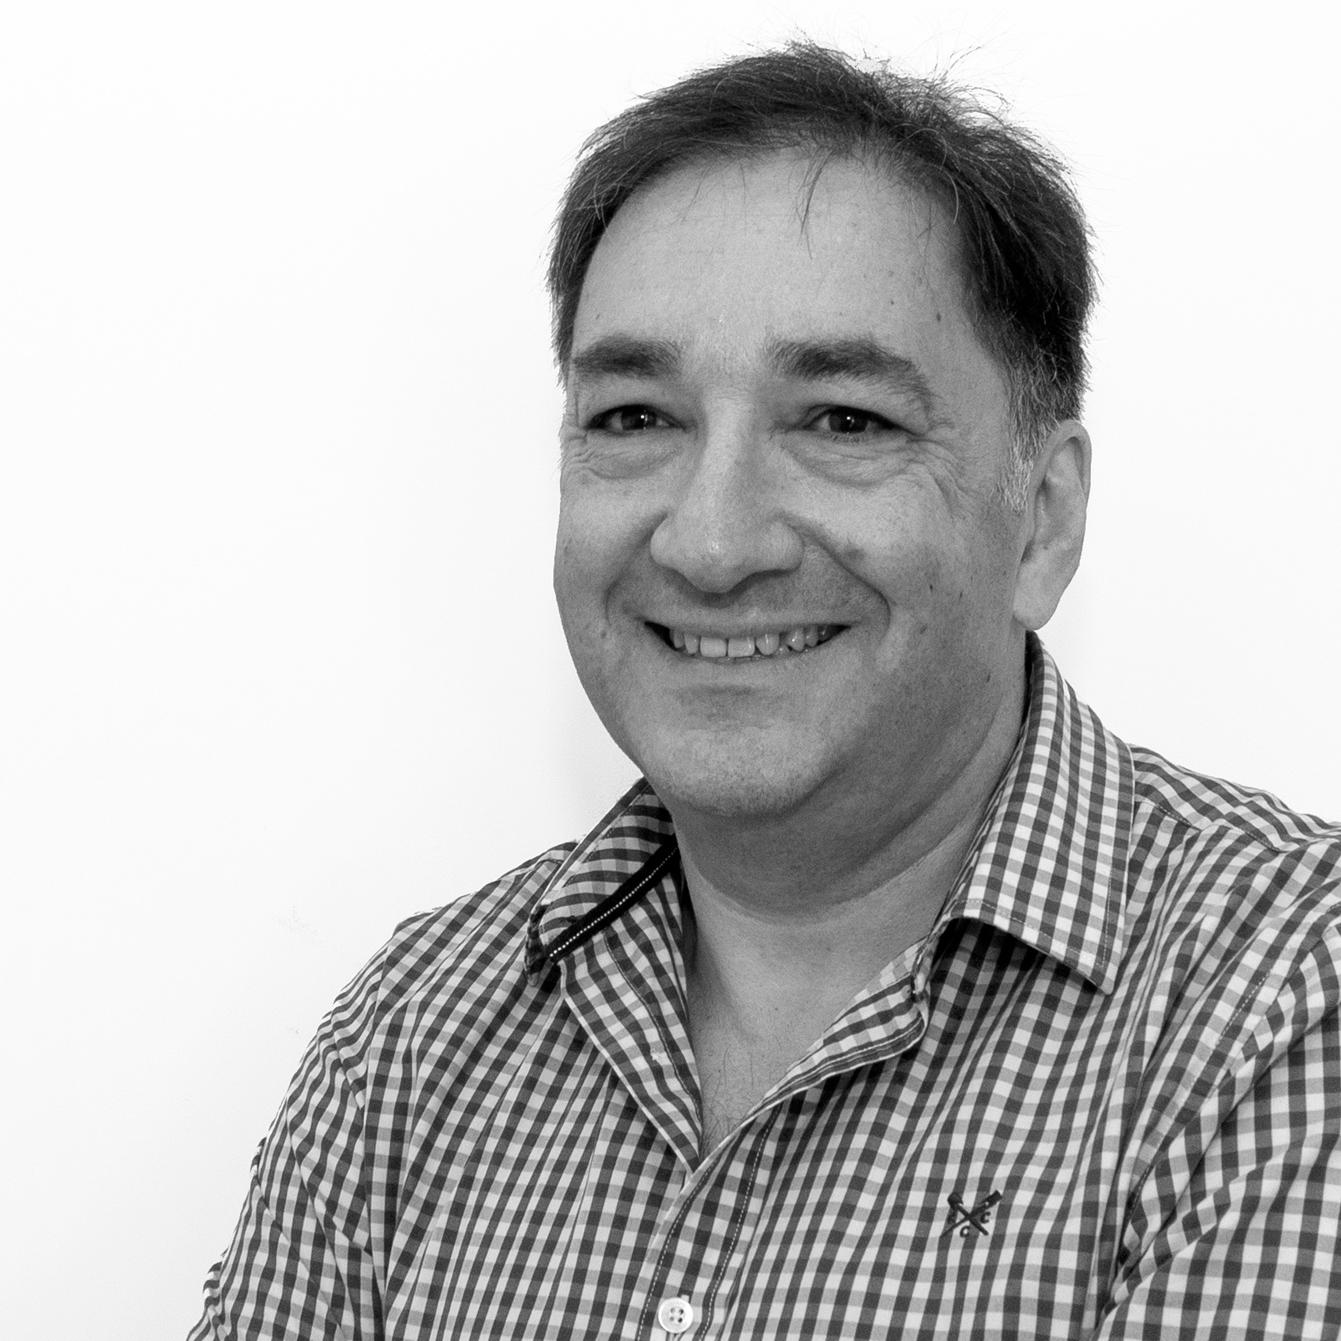 Nigel Bower